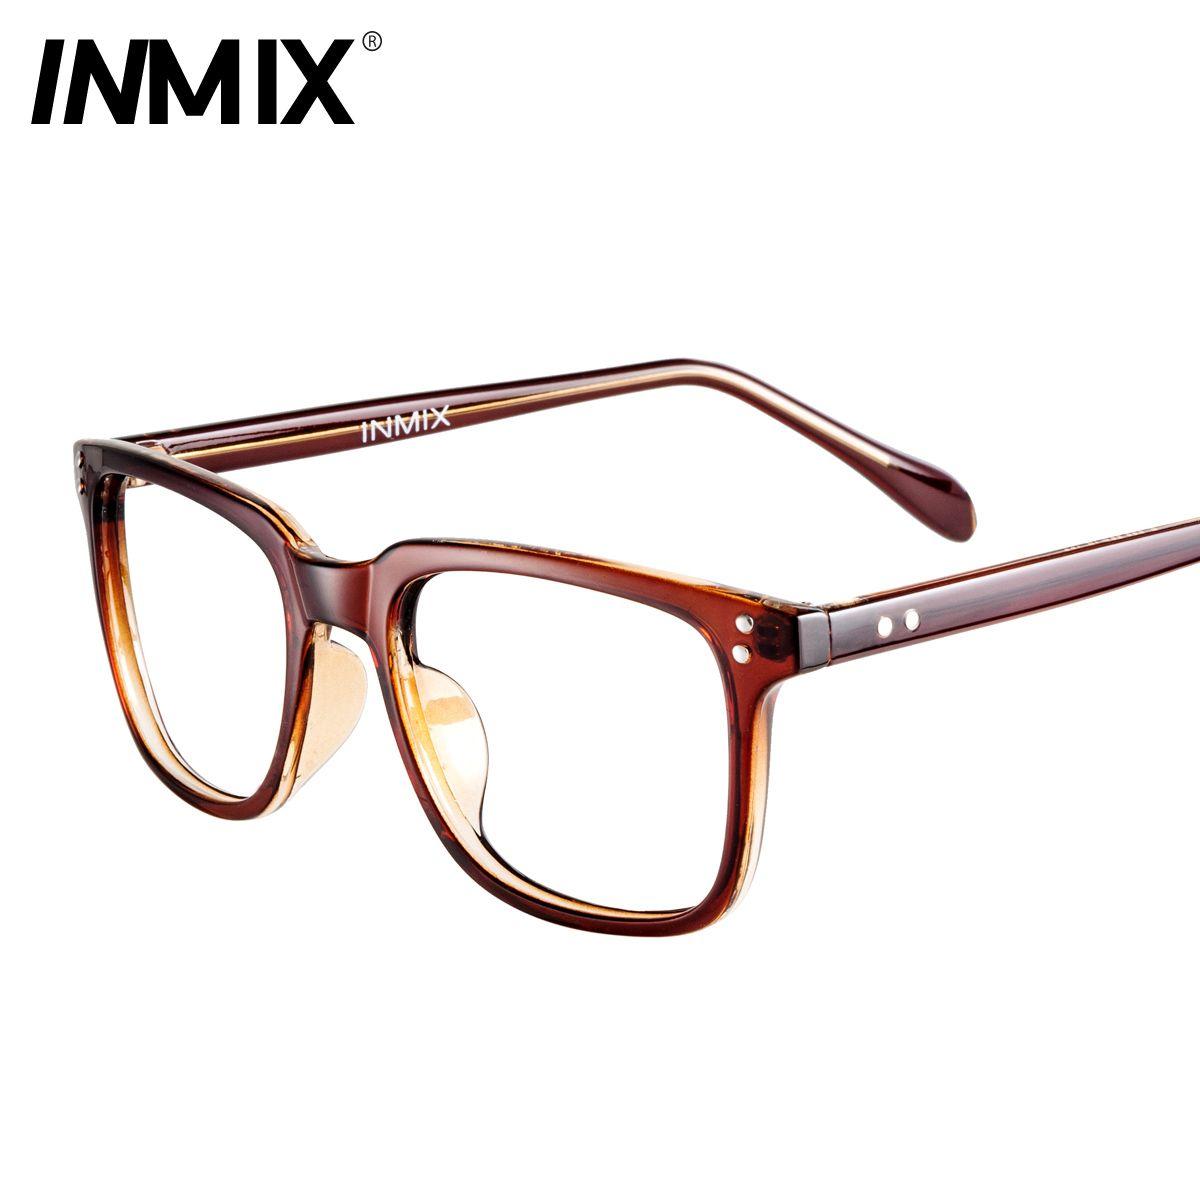 3931bc5bc3df Eyeglasses Frames For Women